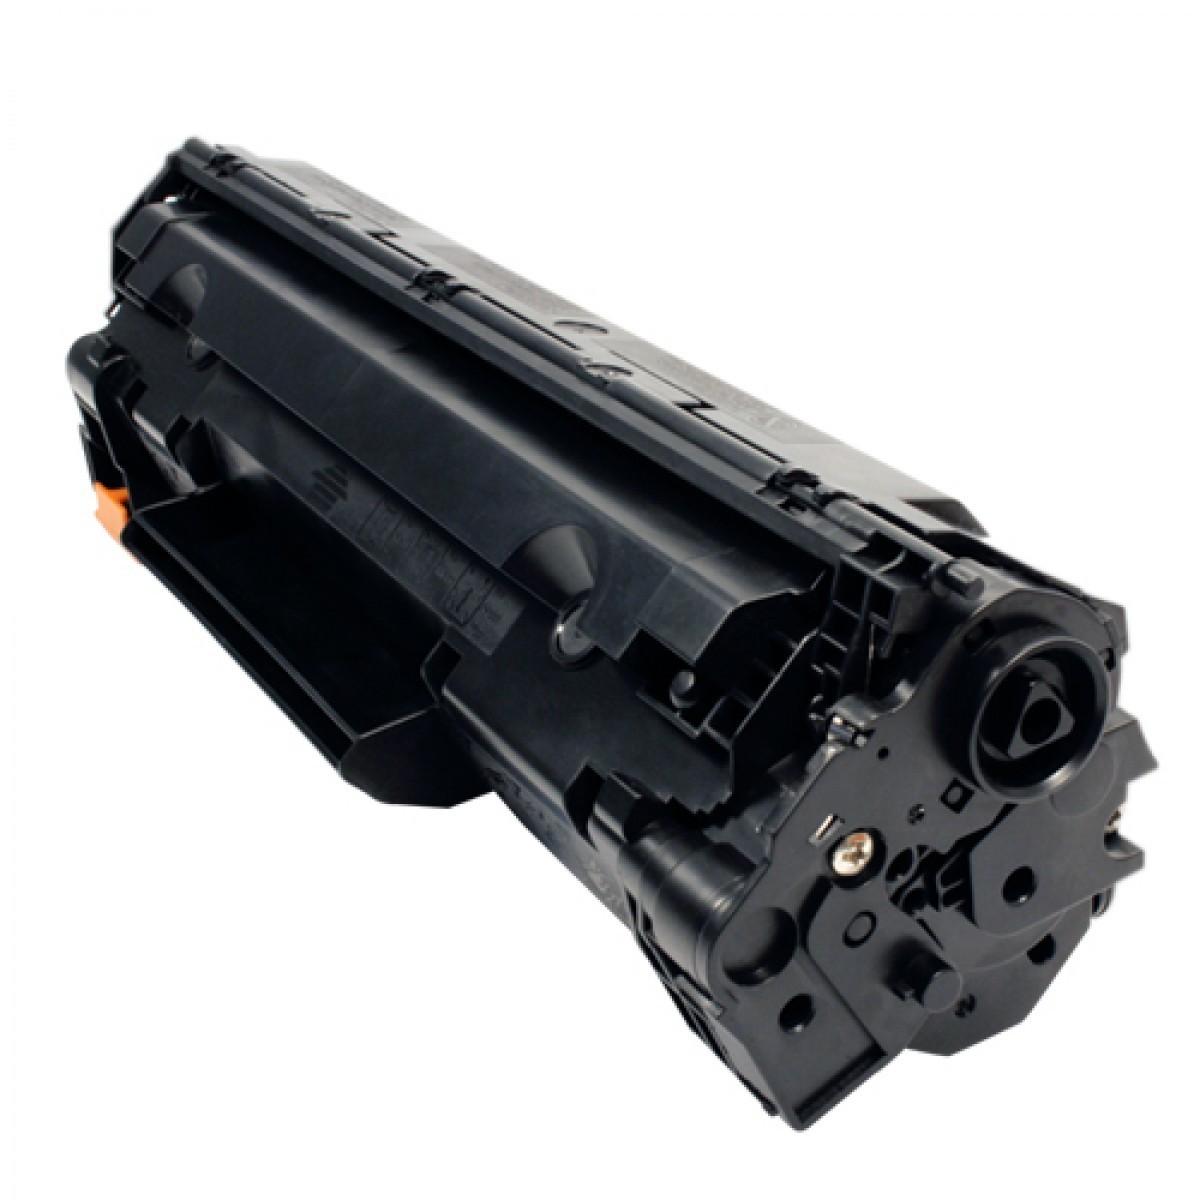 TONER HP CE285 285A 85A  HP85  HP285 PARA IMPRESSORAS P1102 CE285A M1212 M1130 M1132 CE285 285A 85A COMPATÍVEL 2.K